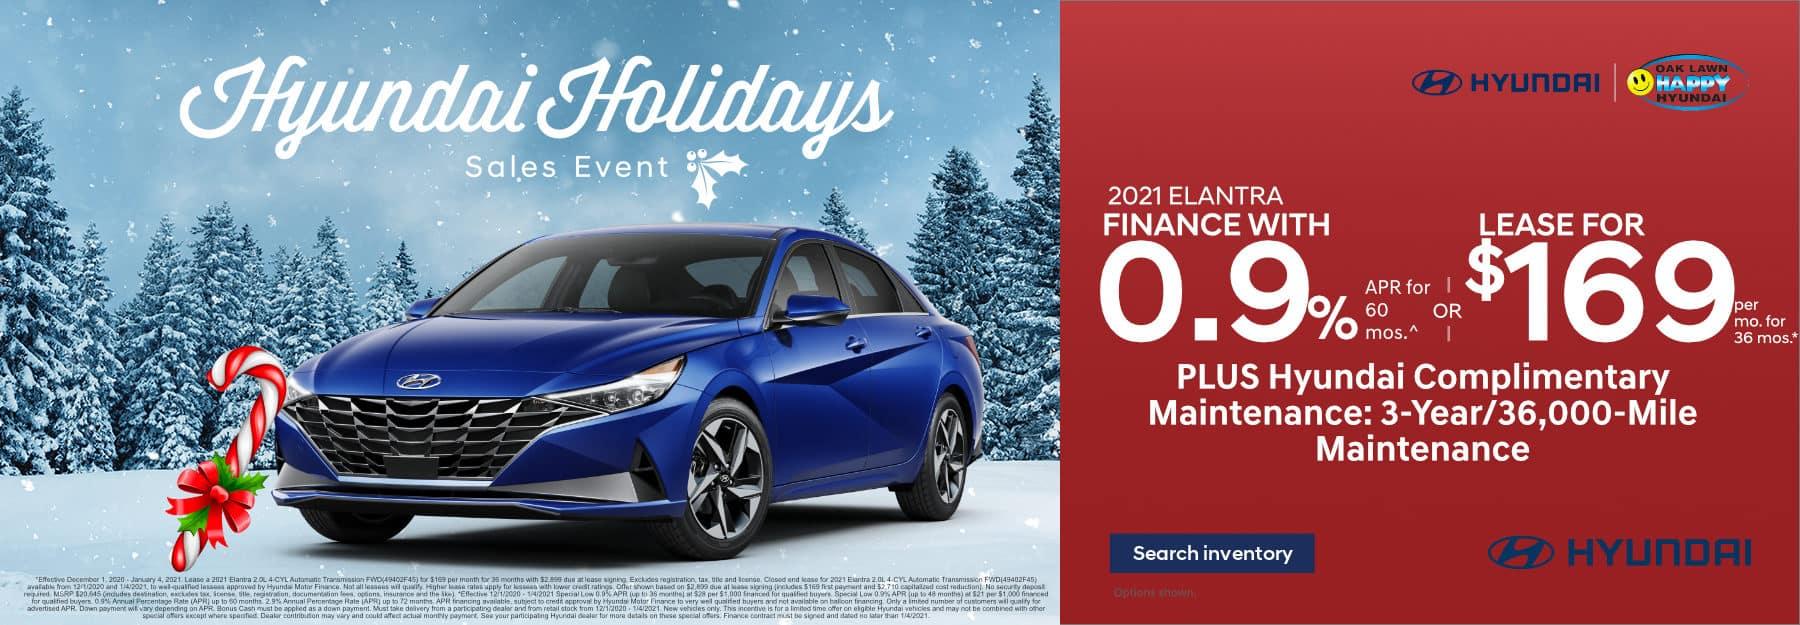 December-2020_2021_Elantra_Happy_Hyundai